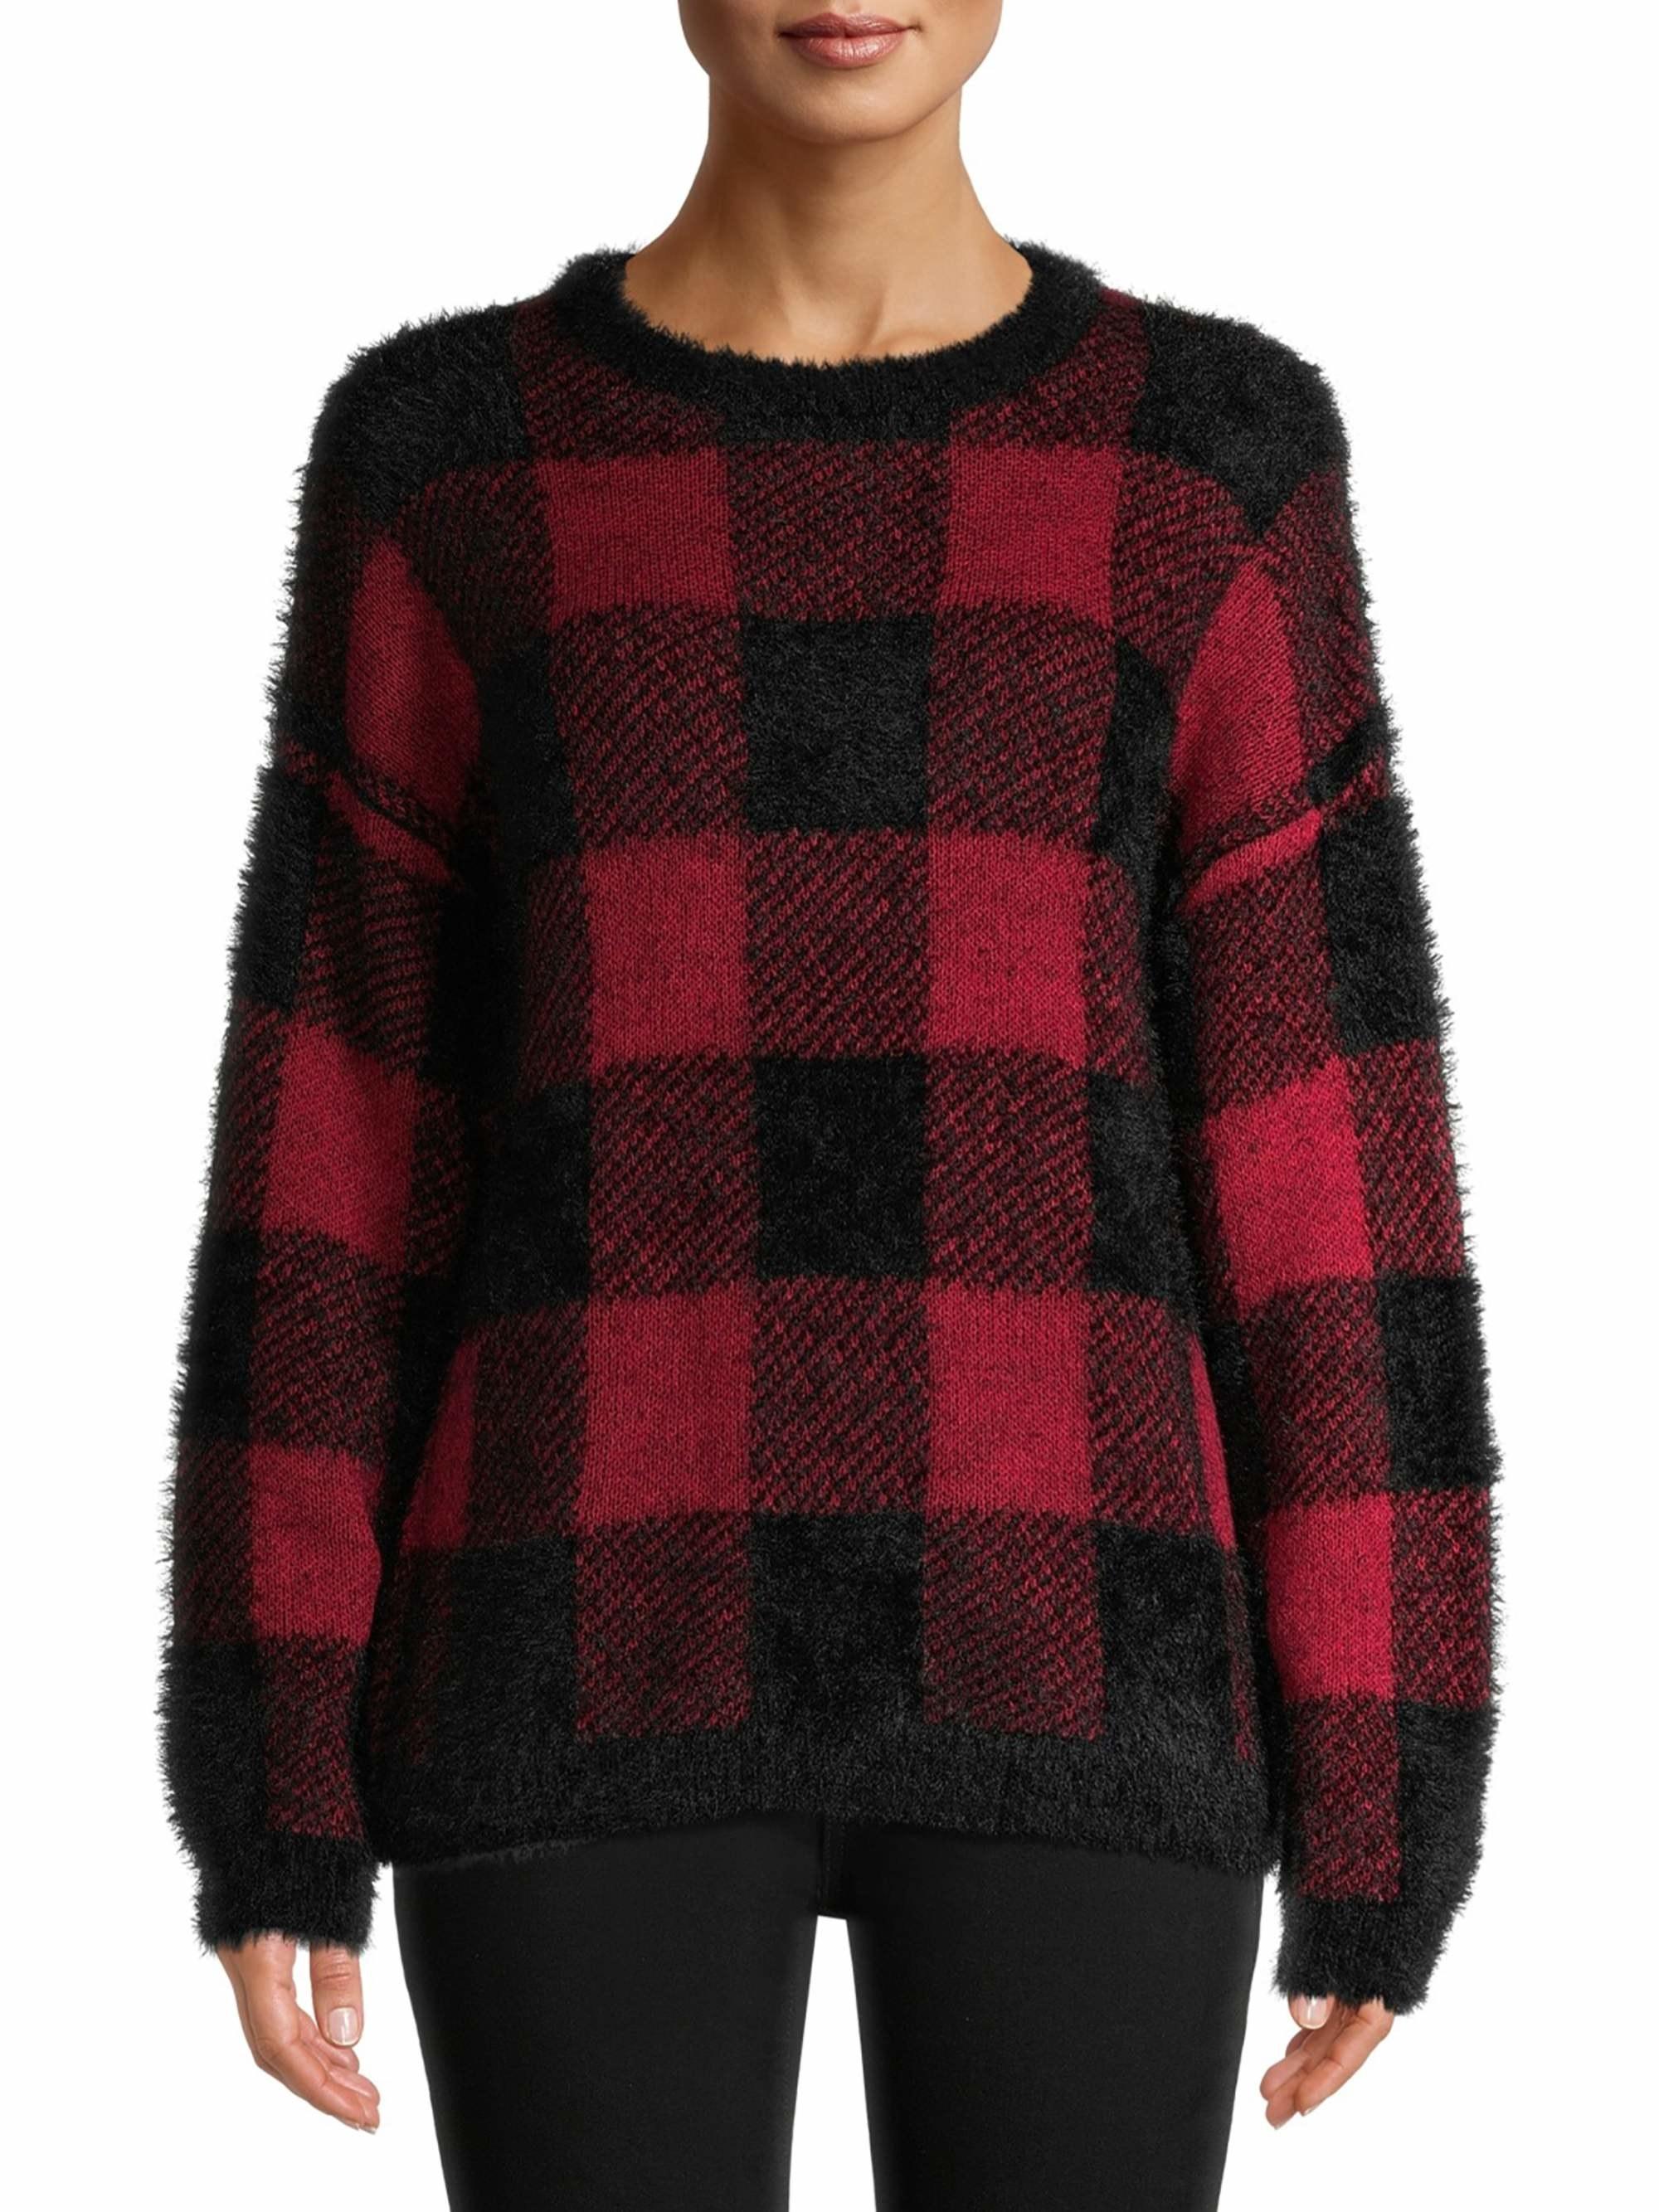 Model wearing buffalo plaid sweater